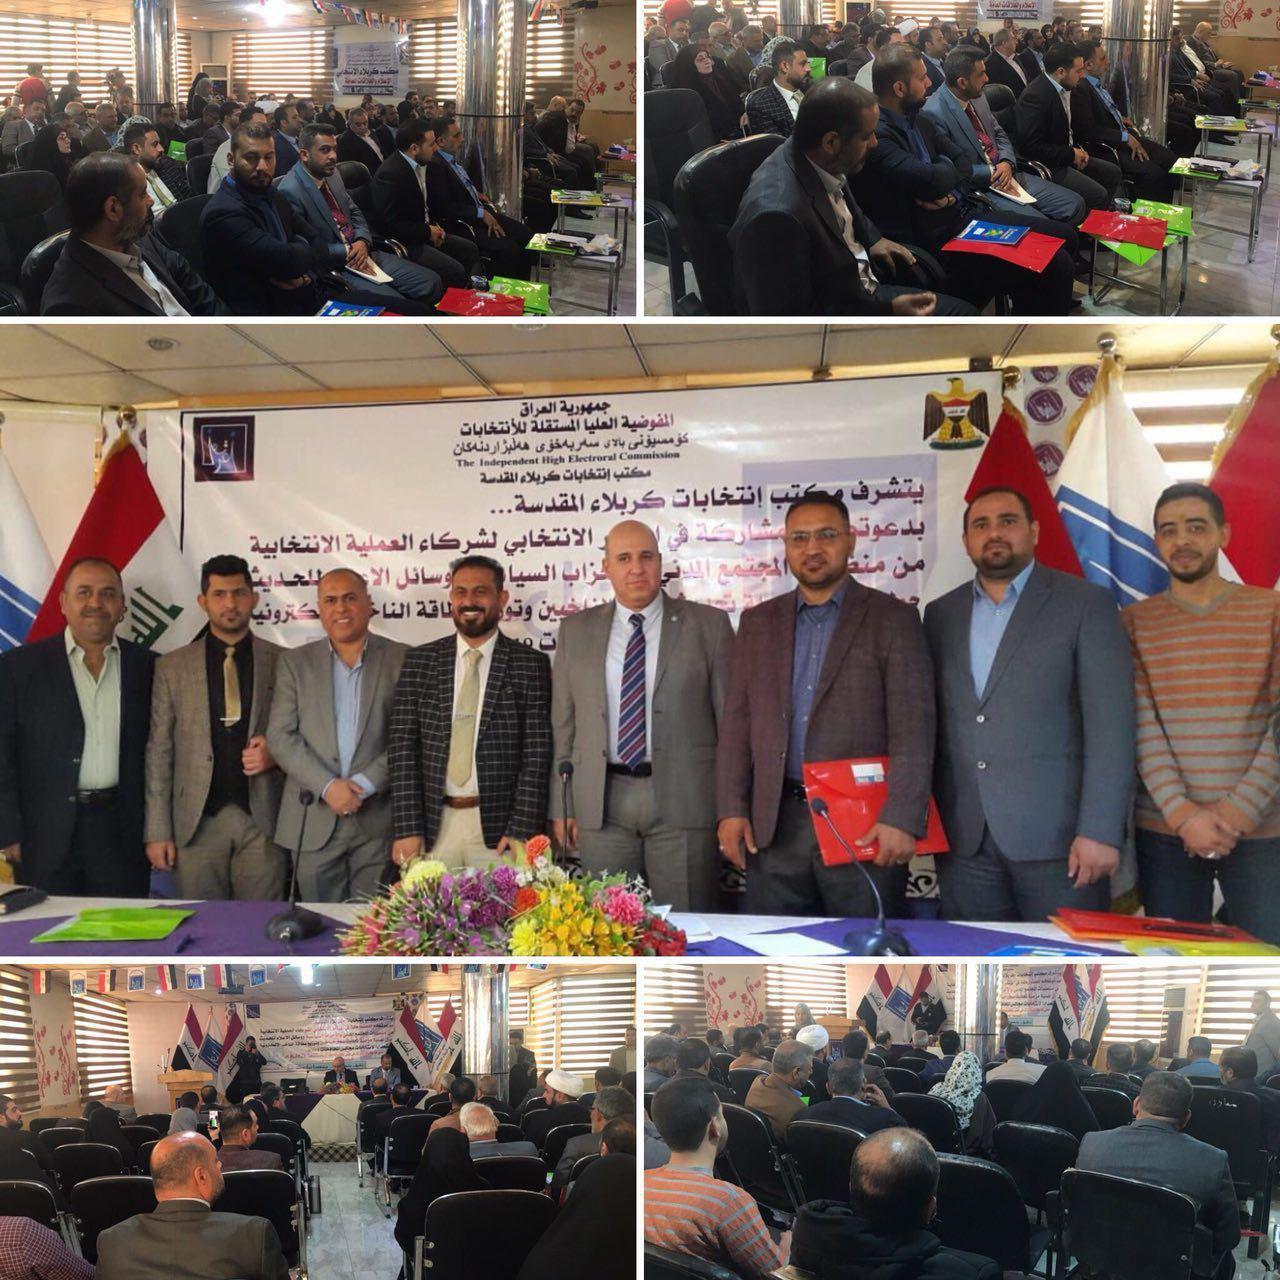 صورة وفد من مؤسسة مصباح الحسين يشارك في المؤتمر الانتخابي لمفوضية كربلاء المقدسة